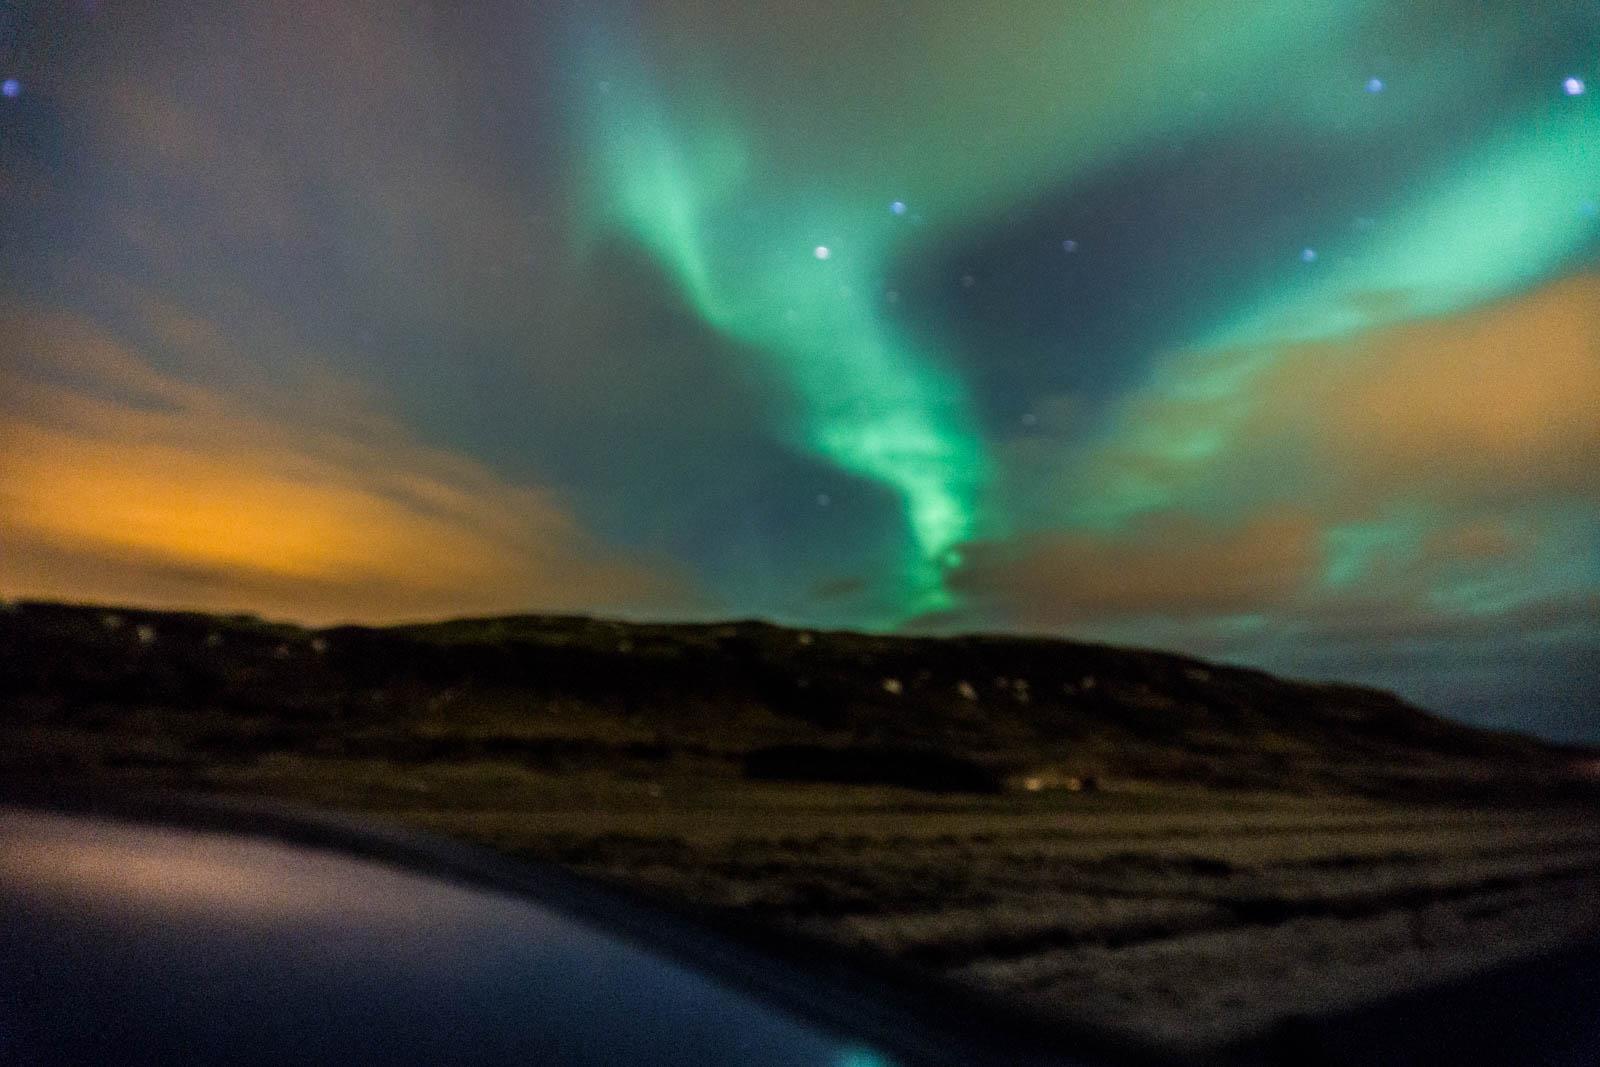 alangesoehne-iceland-tidssonen-2194